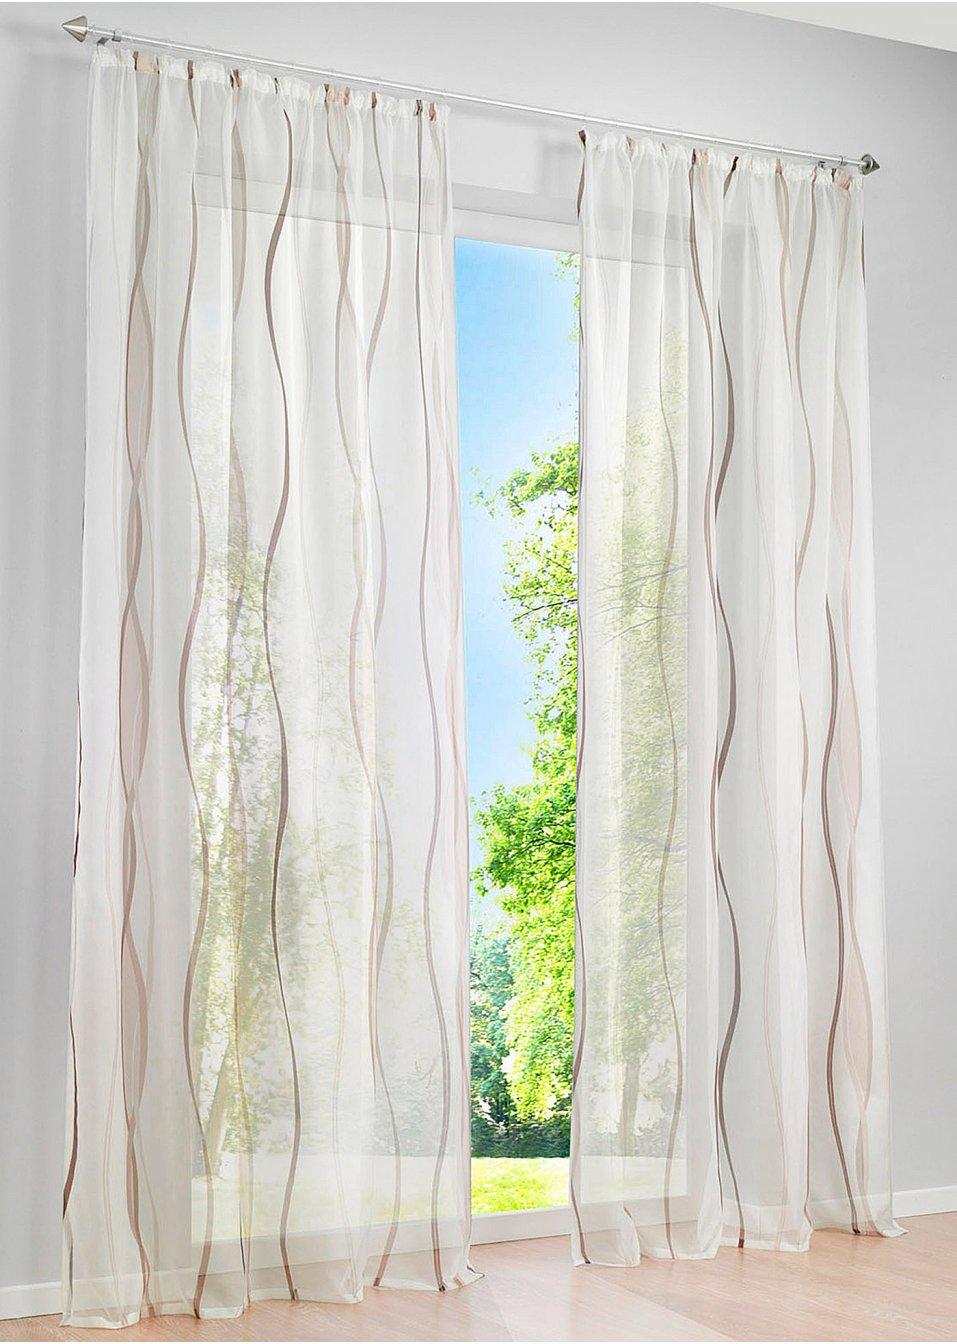 Full Size of Bonprix Gardinen Transparente Gardine In Zeitlosem Design Creme Braun Scheibengardinen Küche Fenster Betten Für Die Schlafzimmer Wohnzimmer Wohnzimmer Bonprix Gardinen